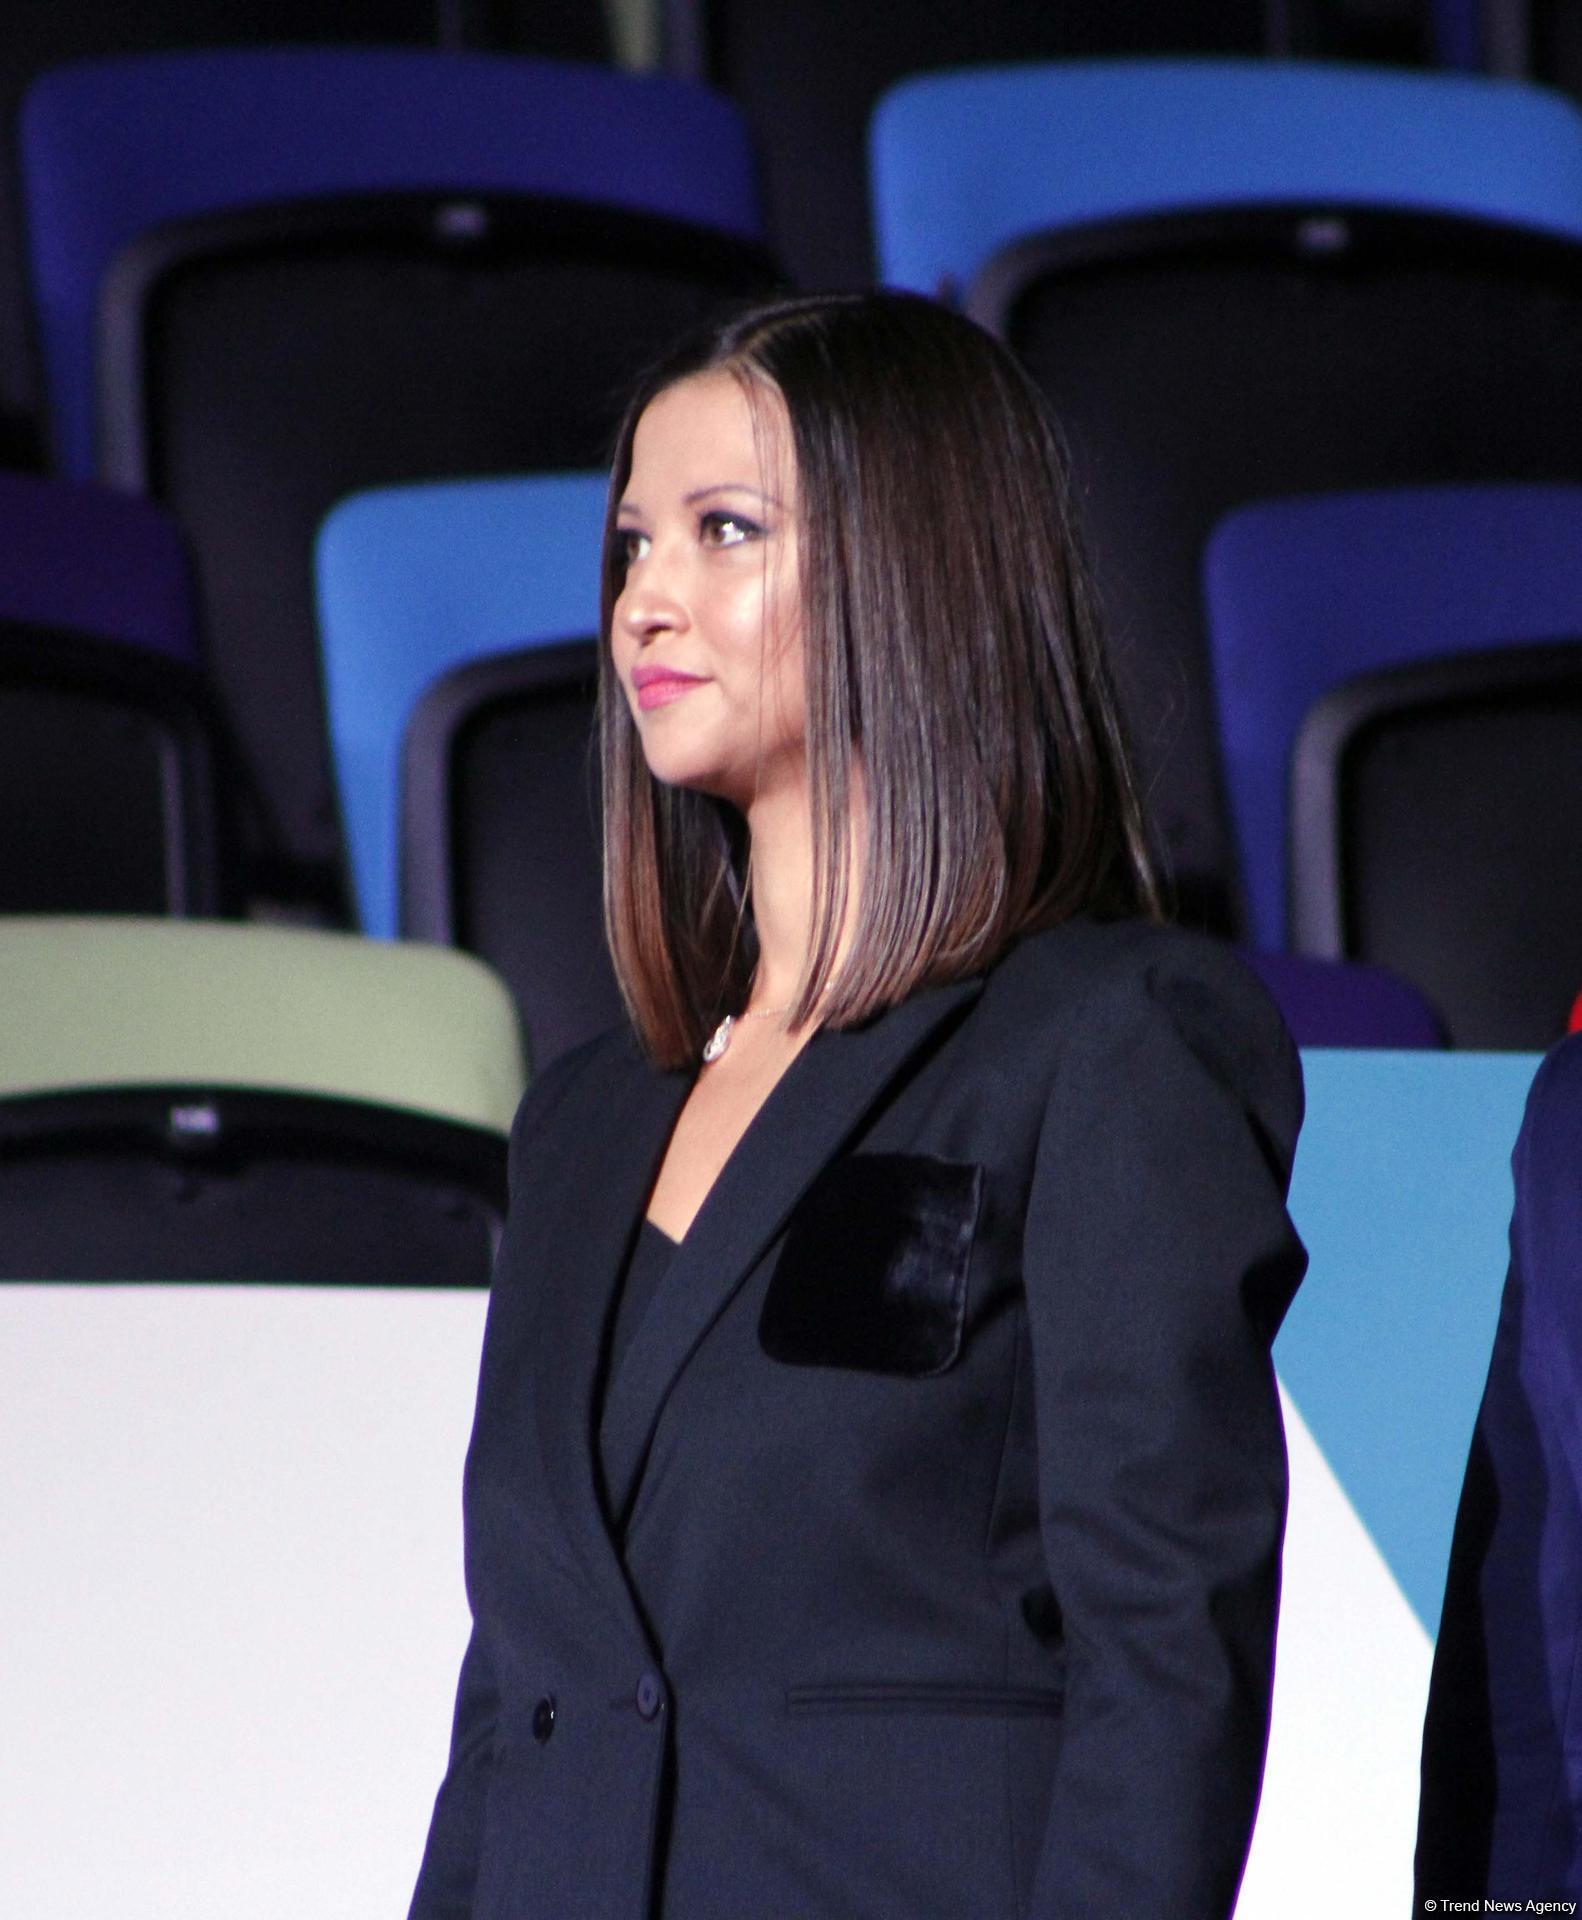 В Баку прошла церемония награждения призеров индивидуальных финалов Кубка мира по художественной гимнастике (ФОТО)